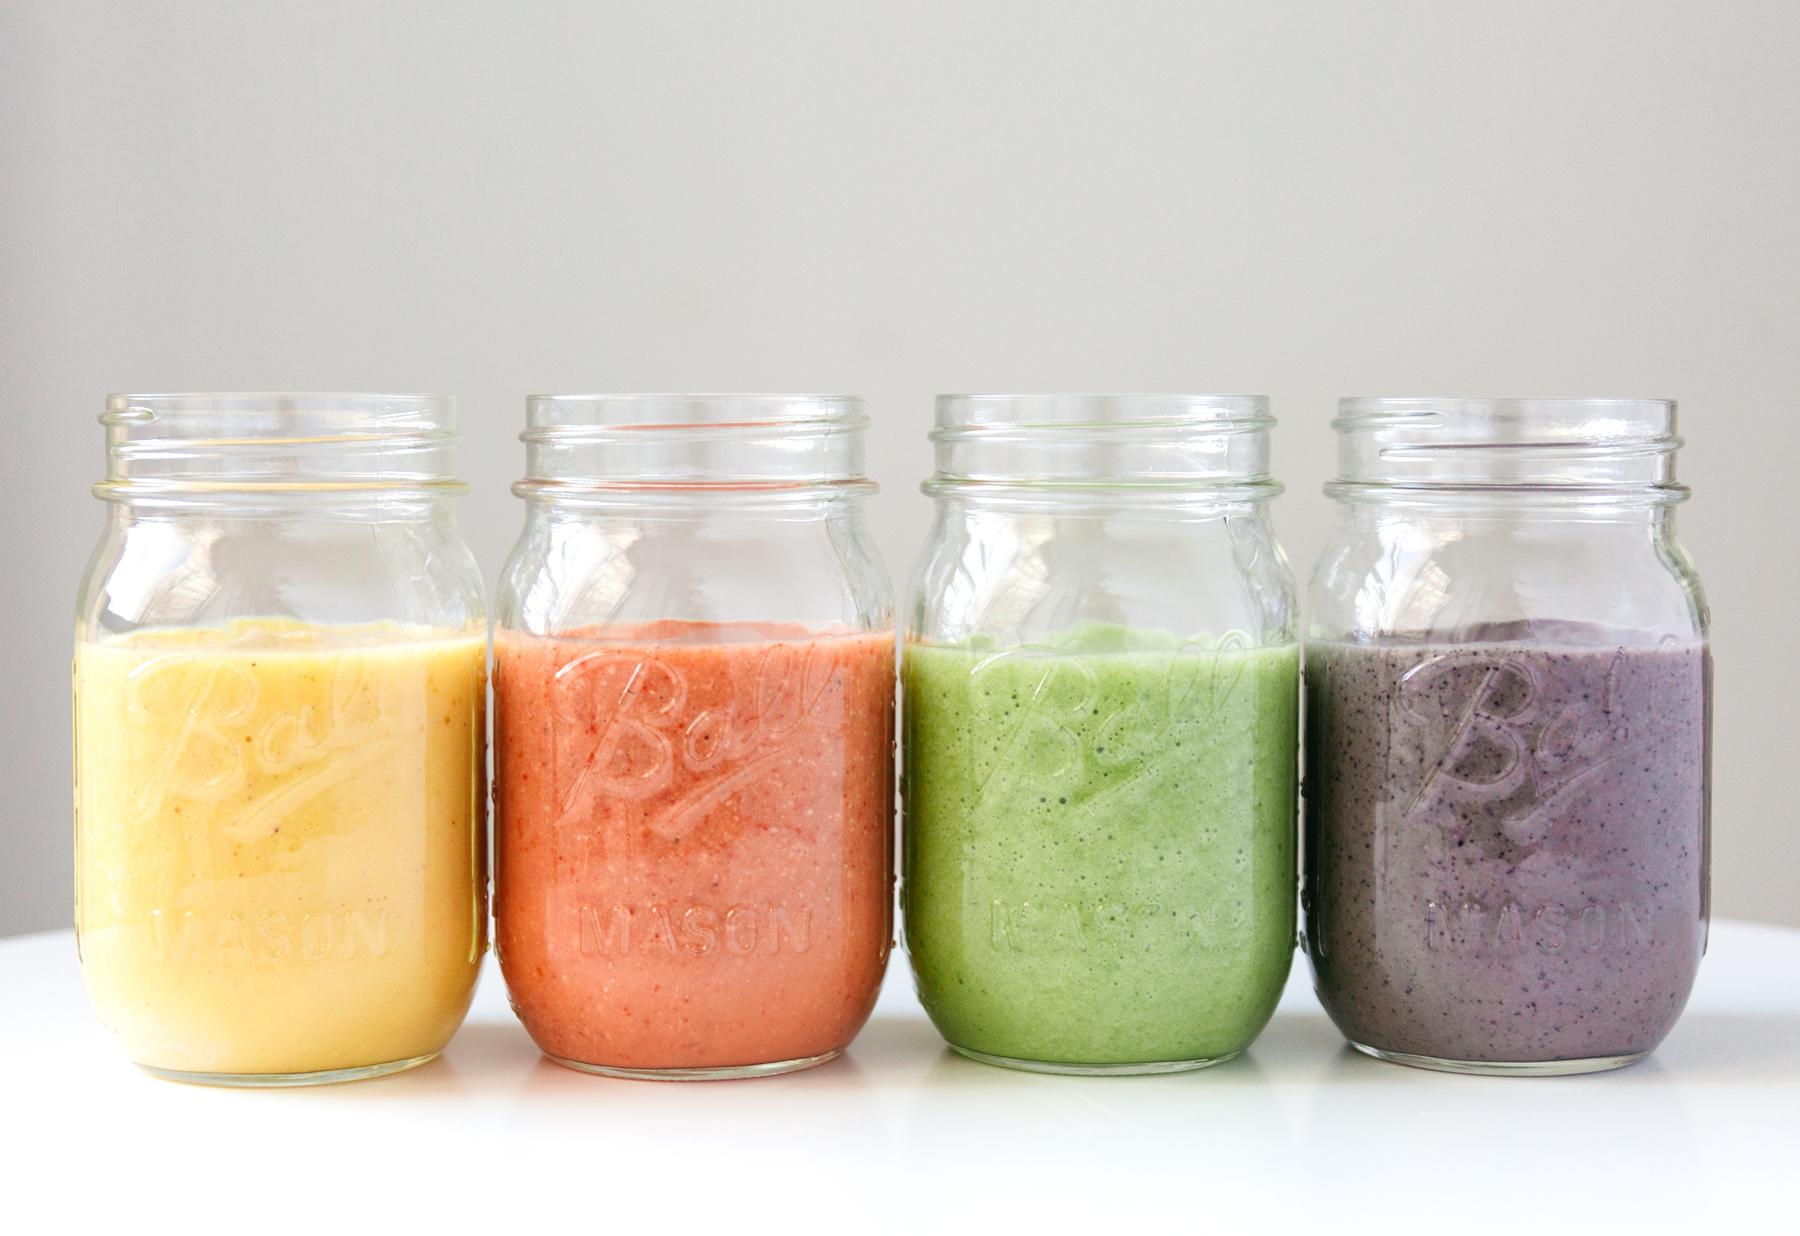 Drinking Green Juice For Breakfast